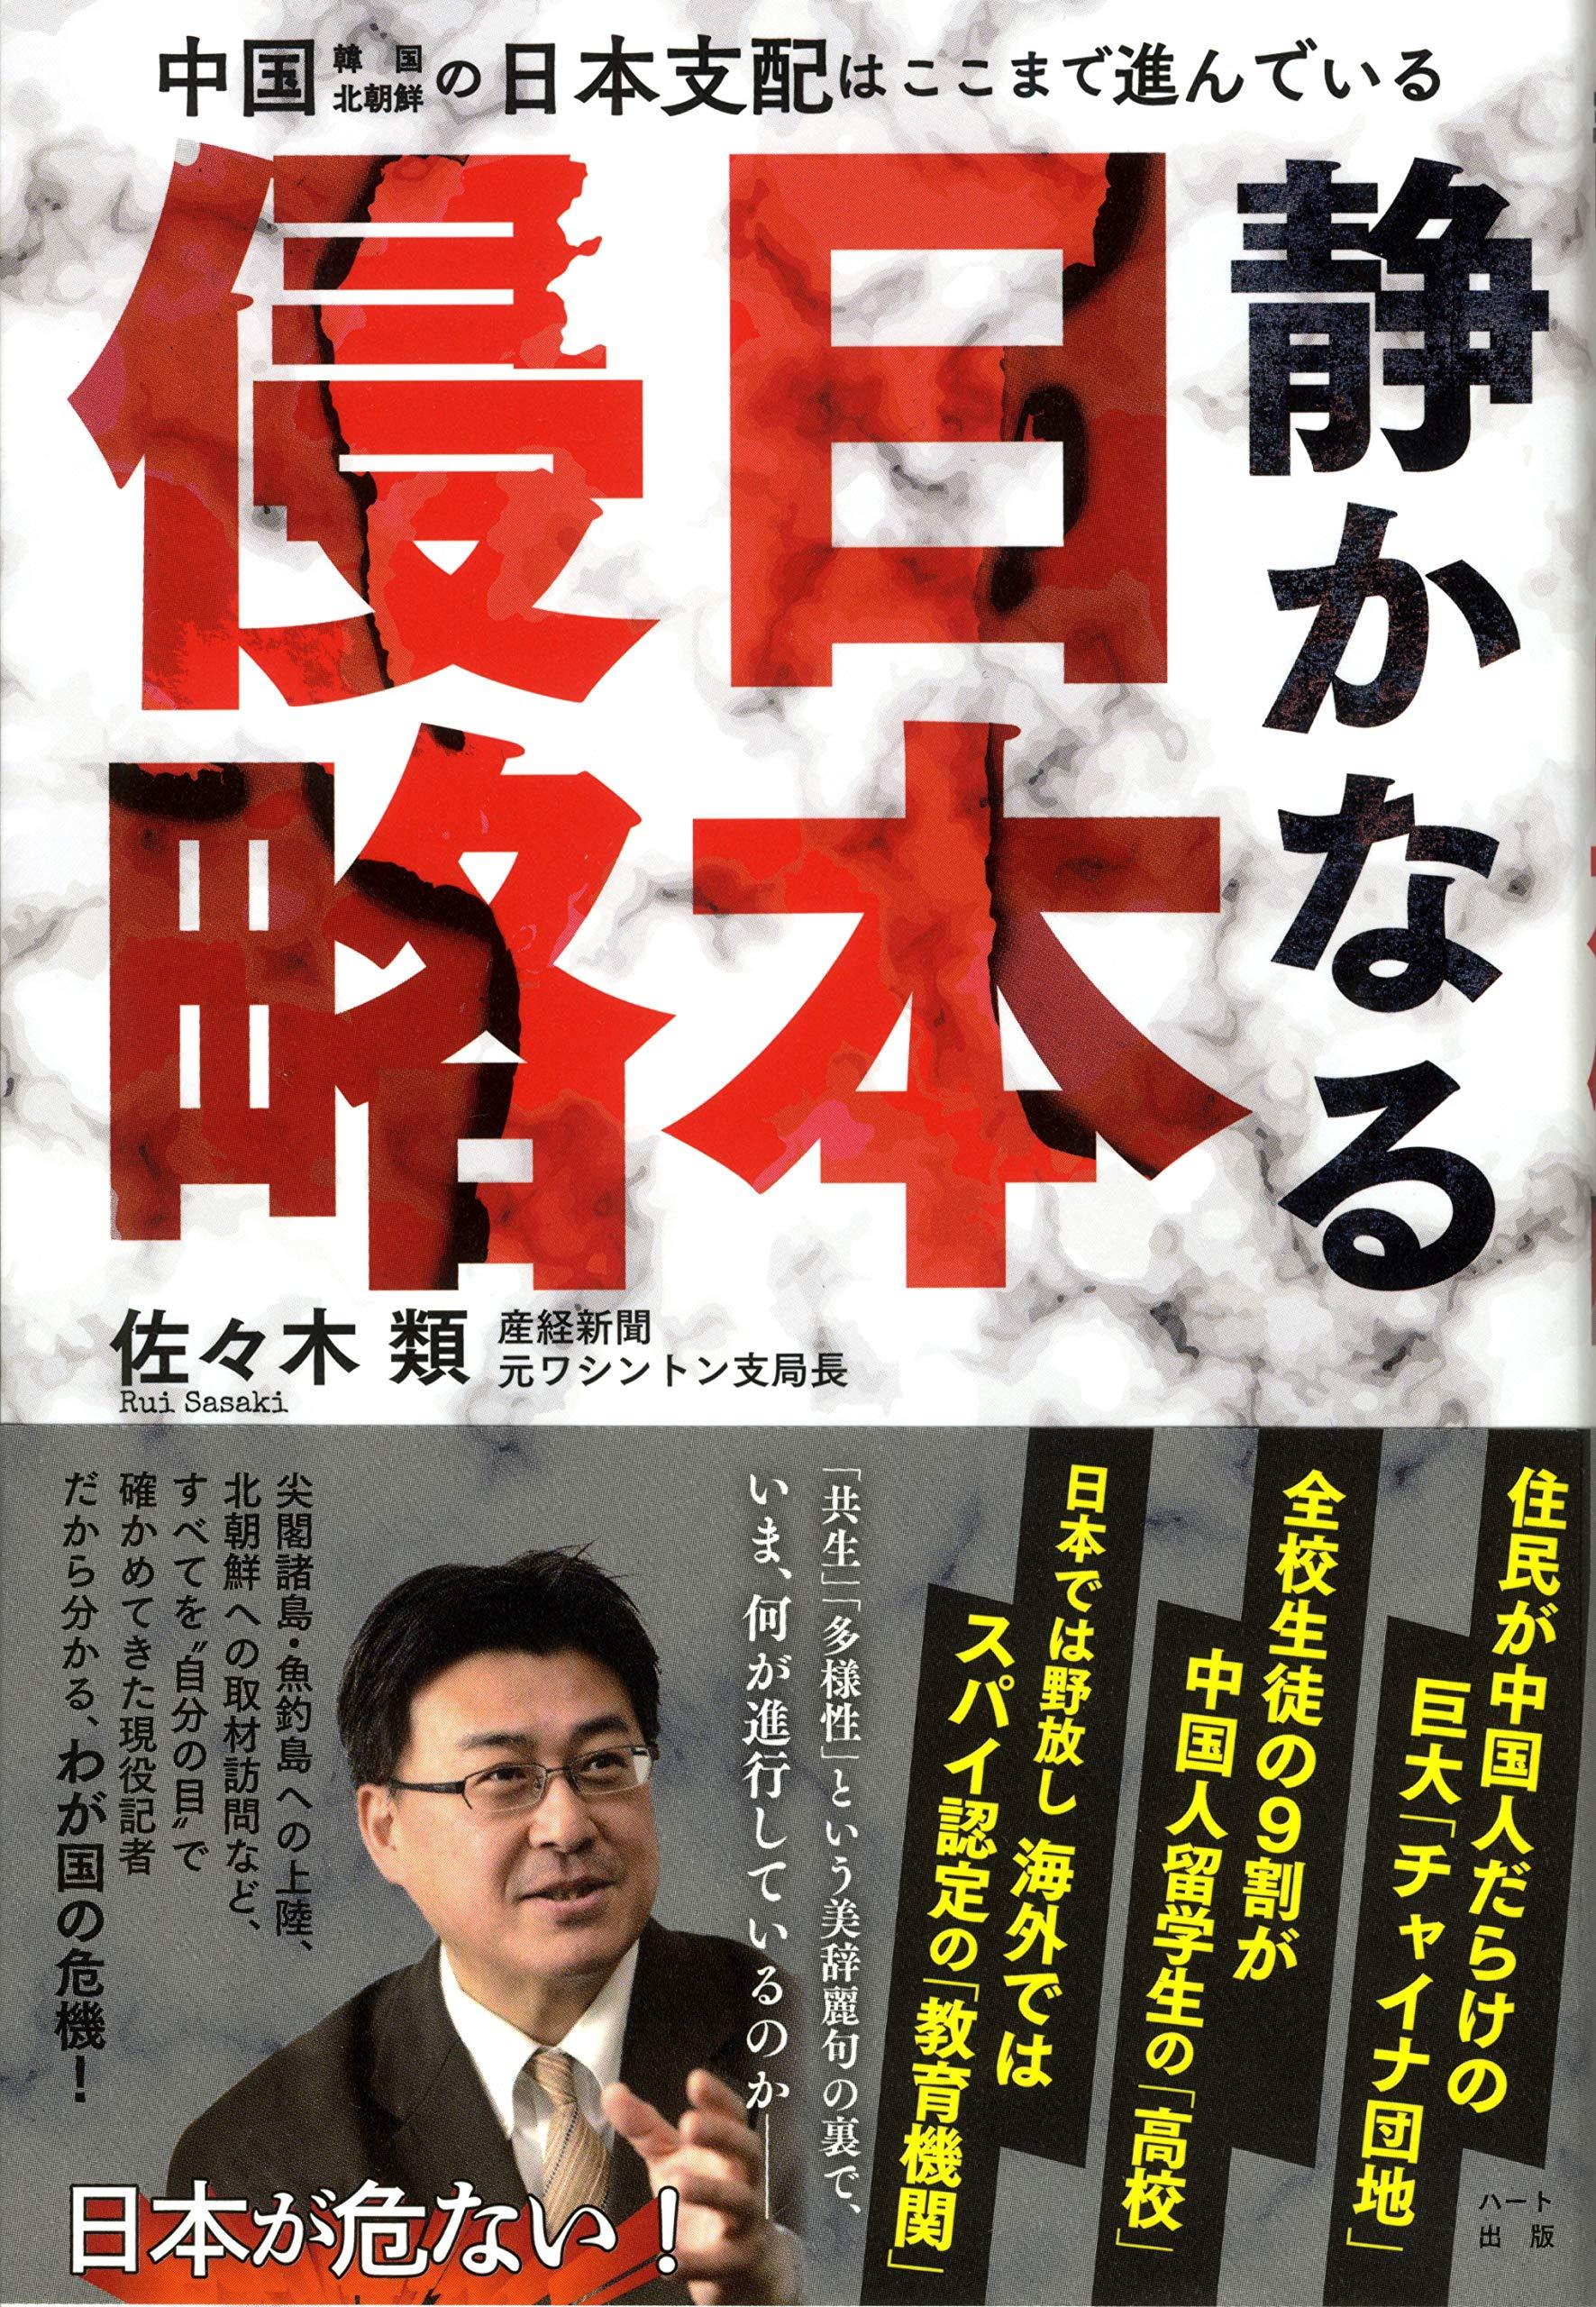 静かなる日本侵略 -中国・韓国・北朝鮮の日本支配はここまで進んでいる ...